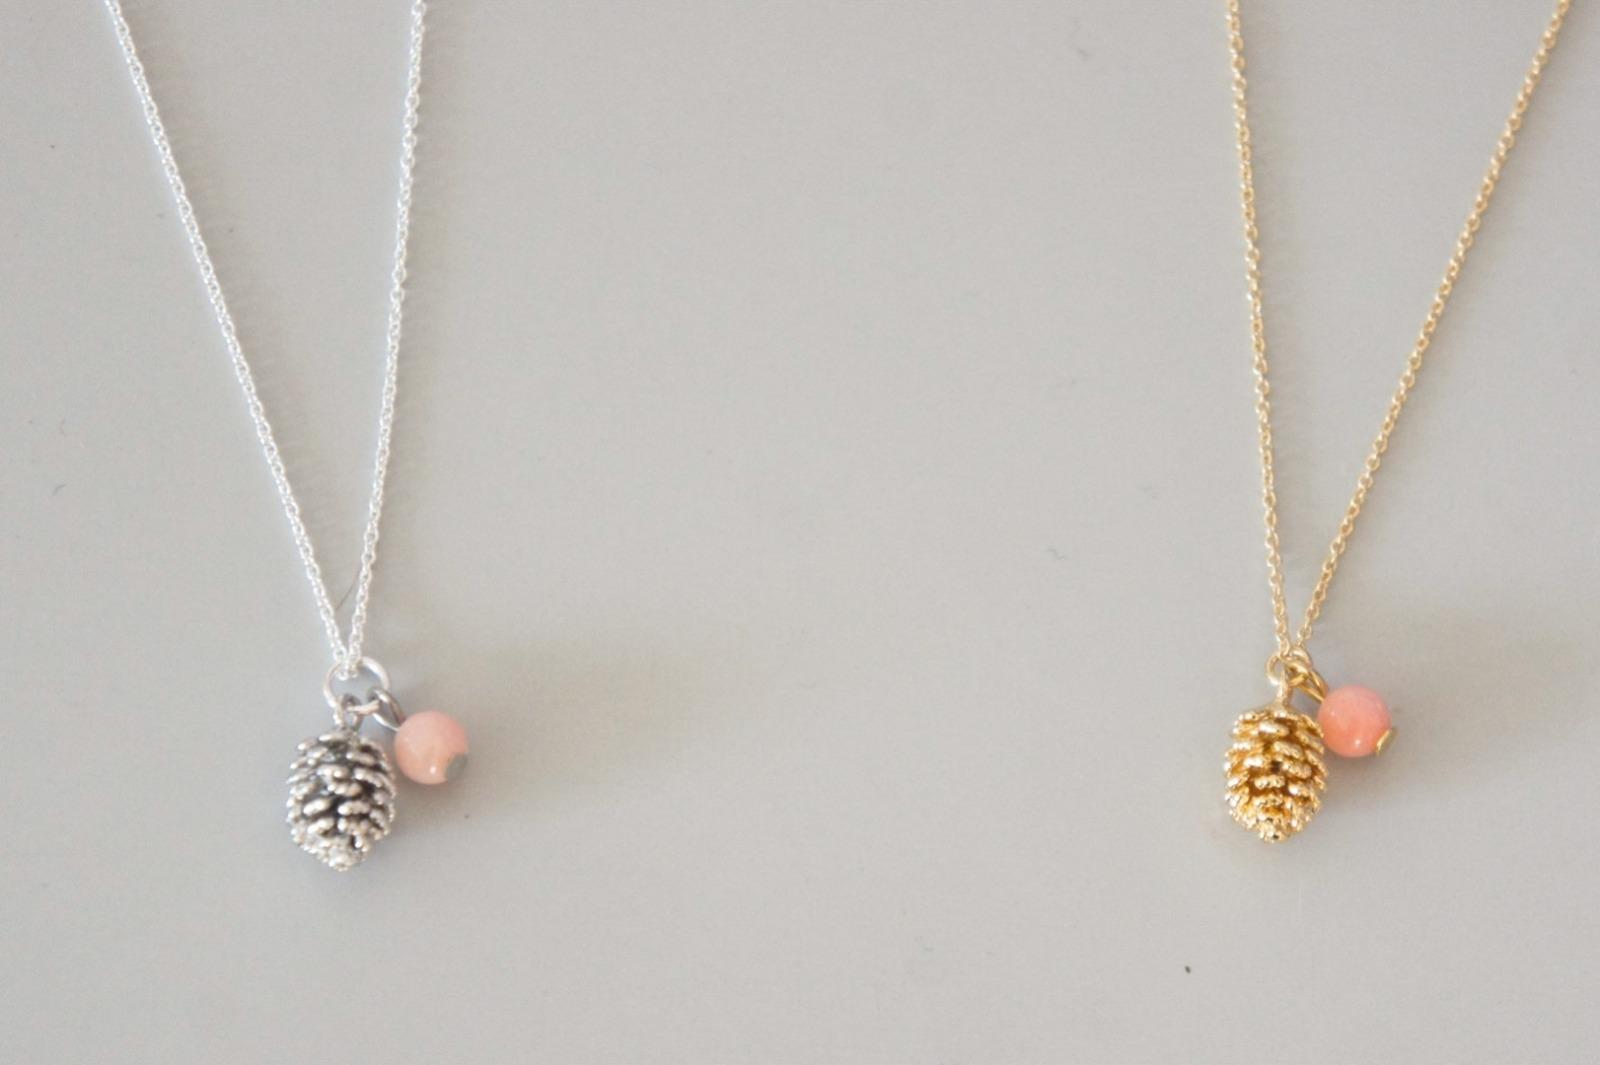 Ankerkette Sterling Silber vergoldet Charm Tannenzapfen